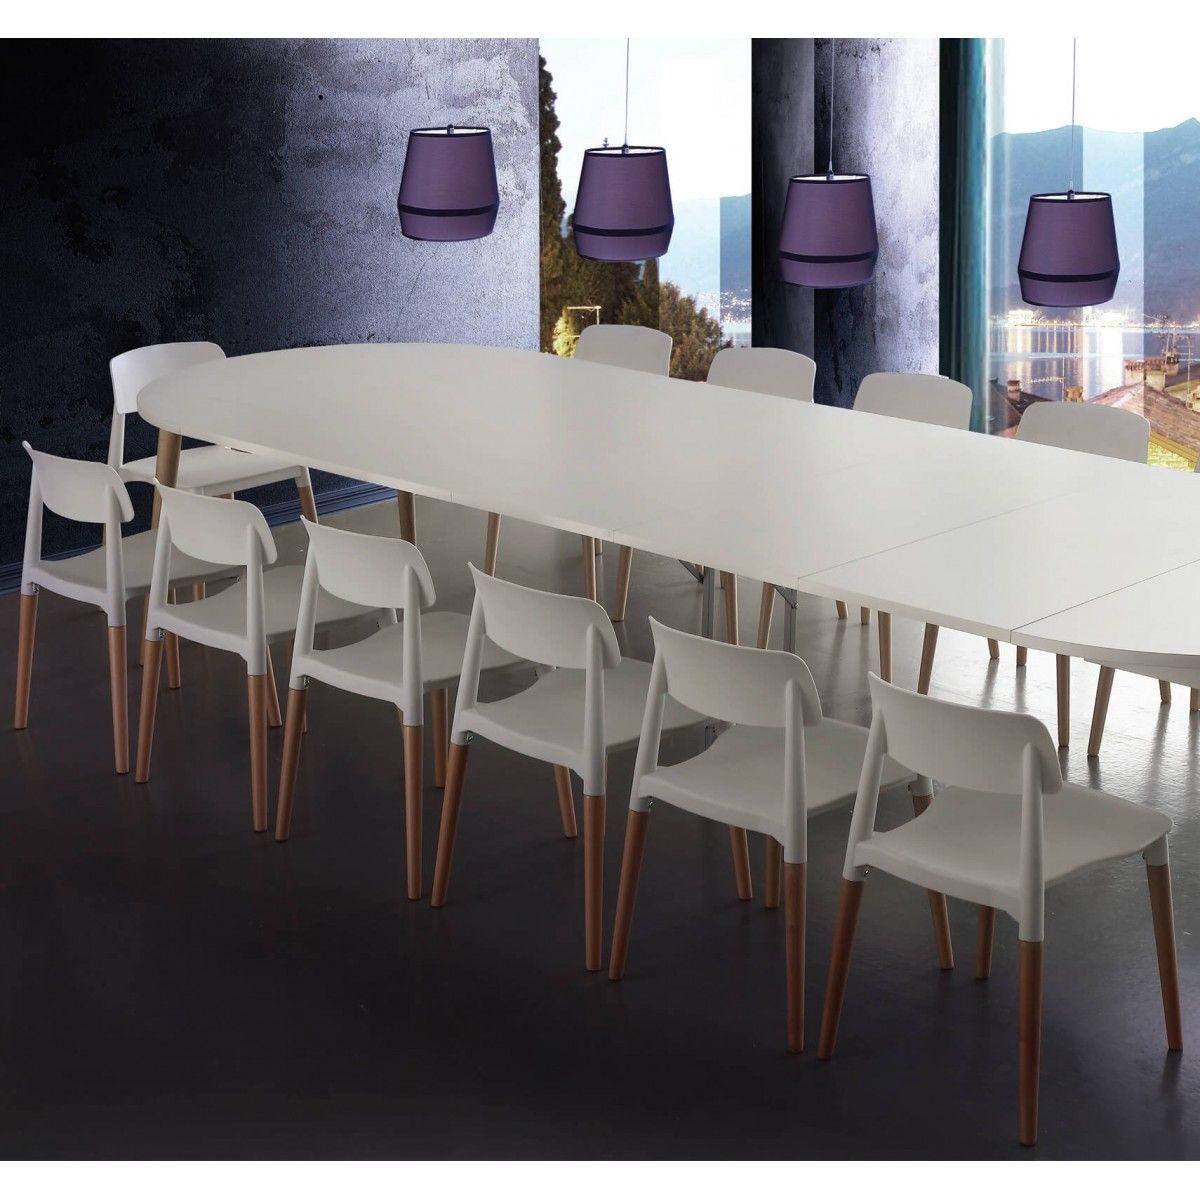 La Seggiola Tavoli Allungabili.Tavolo Allungabile Gotland Art 649 La Seggiola